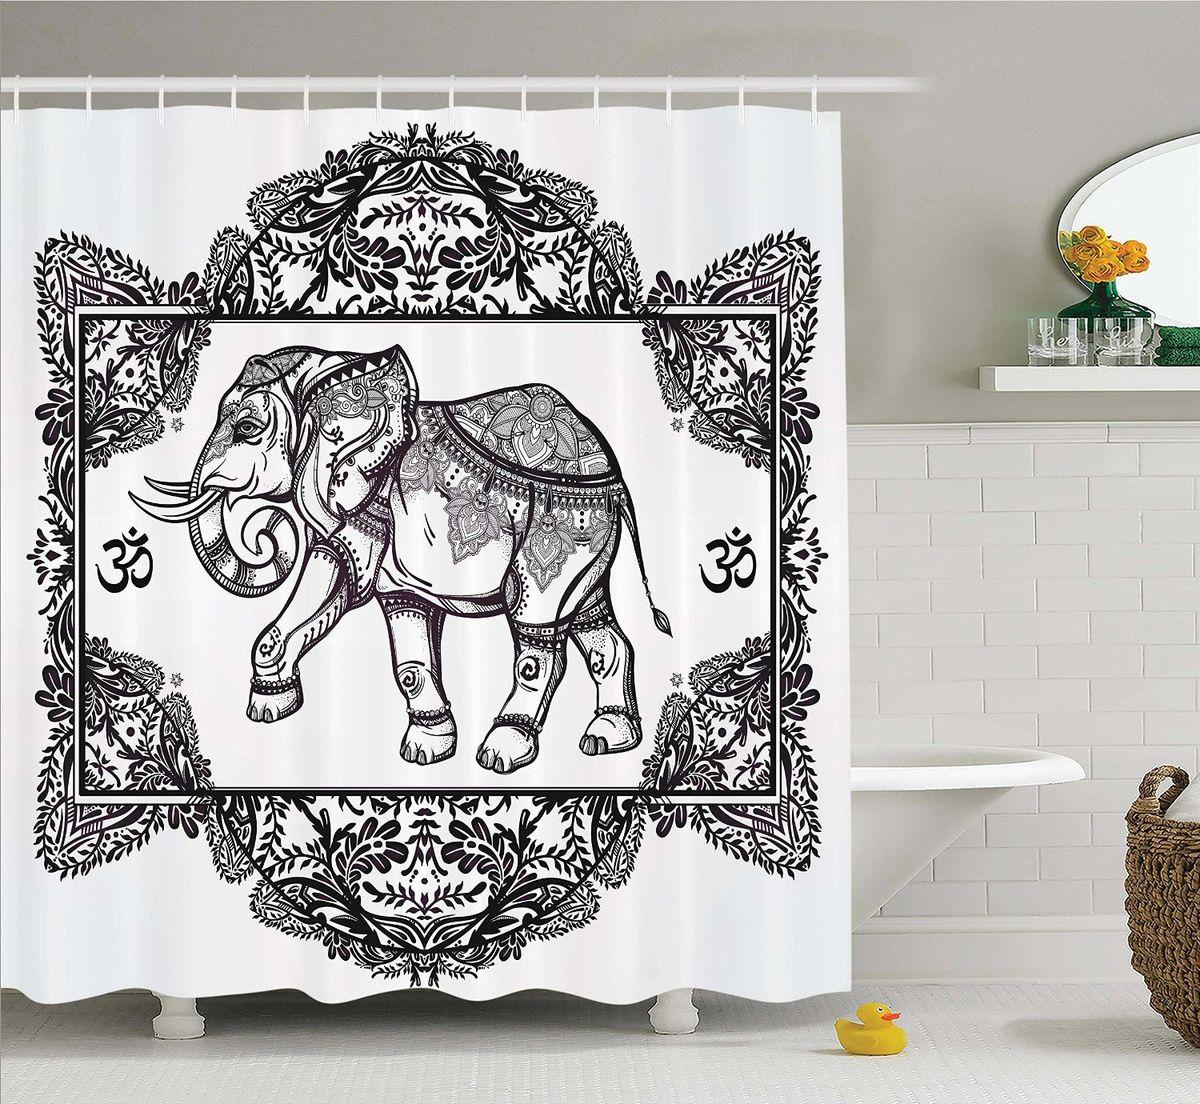 Штора для ванной комнаты Magic Lady Узорчатый слон, 180 х 200 смшв_12634Штора Magic Lady Узорчатый слон, изготовленная из высококачественного сатена (полиэстер 100%), отлично дополнит любой интерьер ванной комнаты. При изготовлении используются специальные гипоаллергенные чернила для прямой печати по ткани, безопасные для человека. В комплекте: 1 штора, 12 крючков. Обращаем ваше внимание, фактический цвет изделия может незначительно отличаться от представленного на фото.